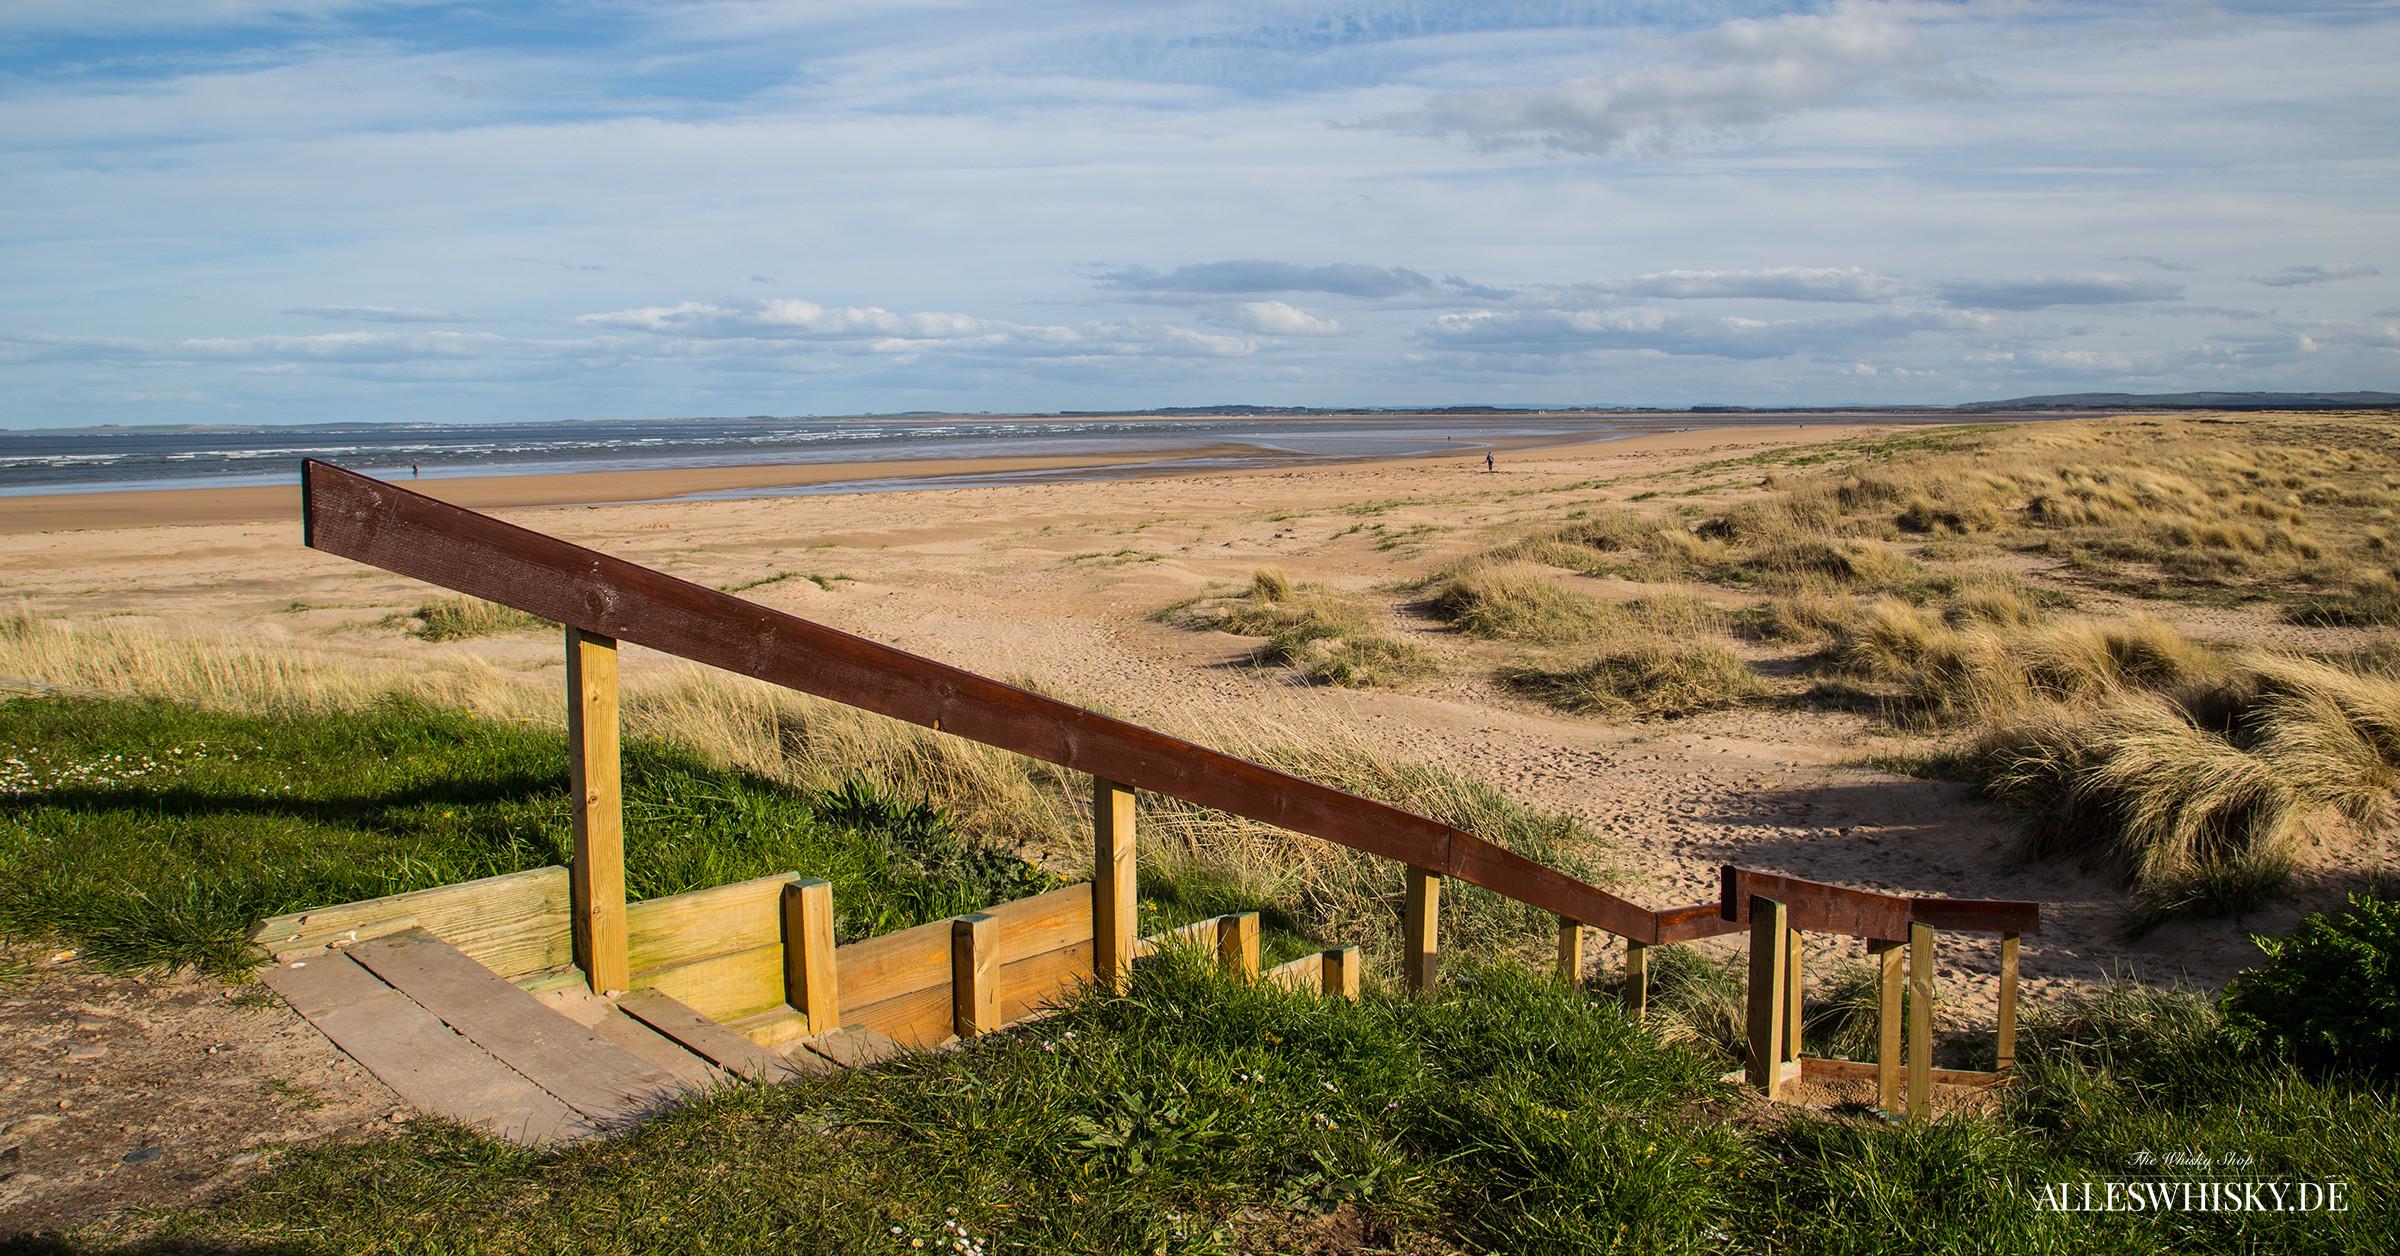 Schier unendliche Weite am Strand des Dornoch Firth